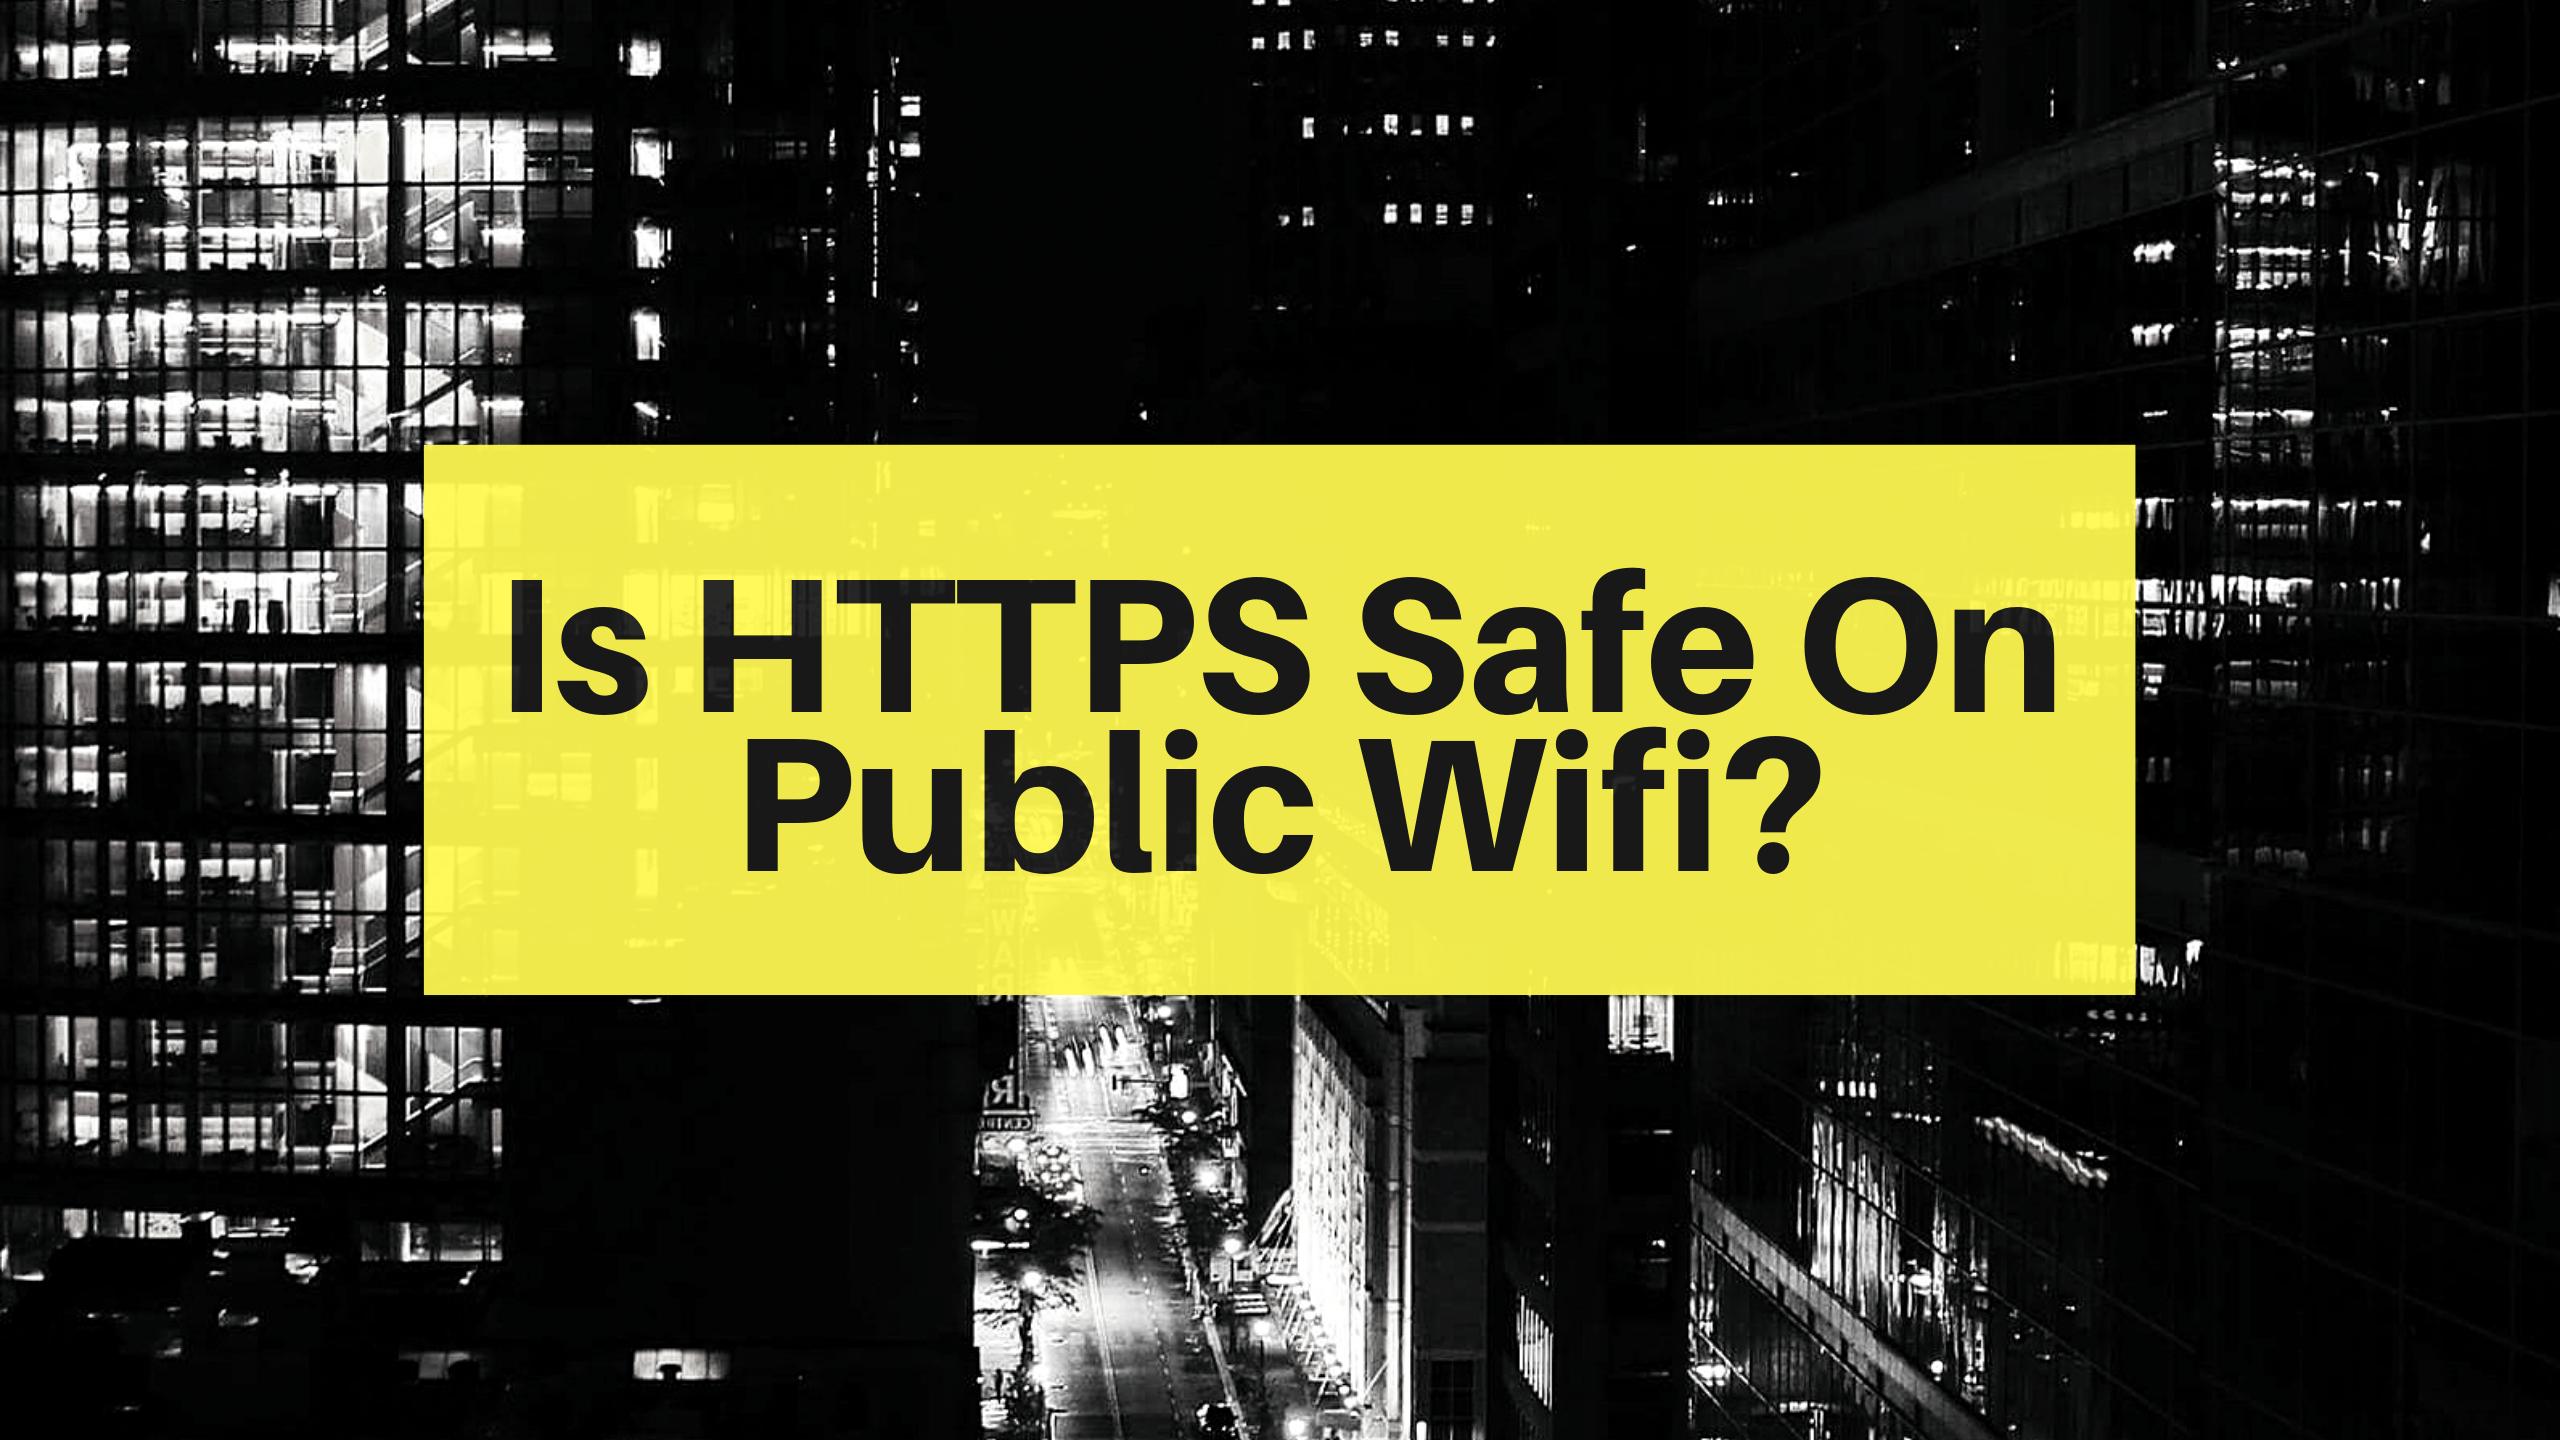 is HTTPS safe on public wifi